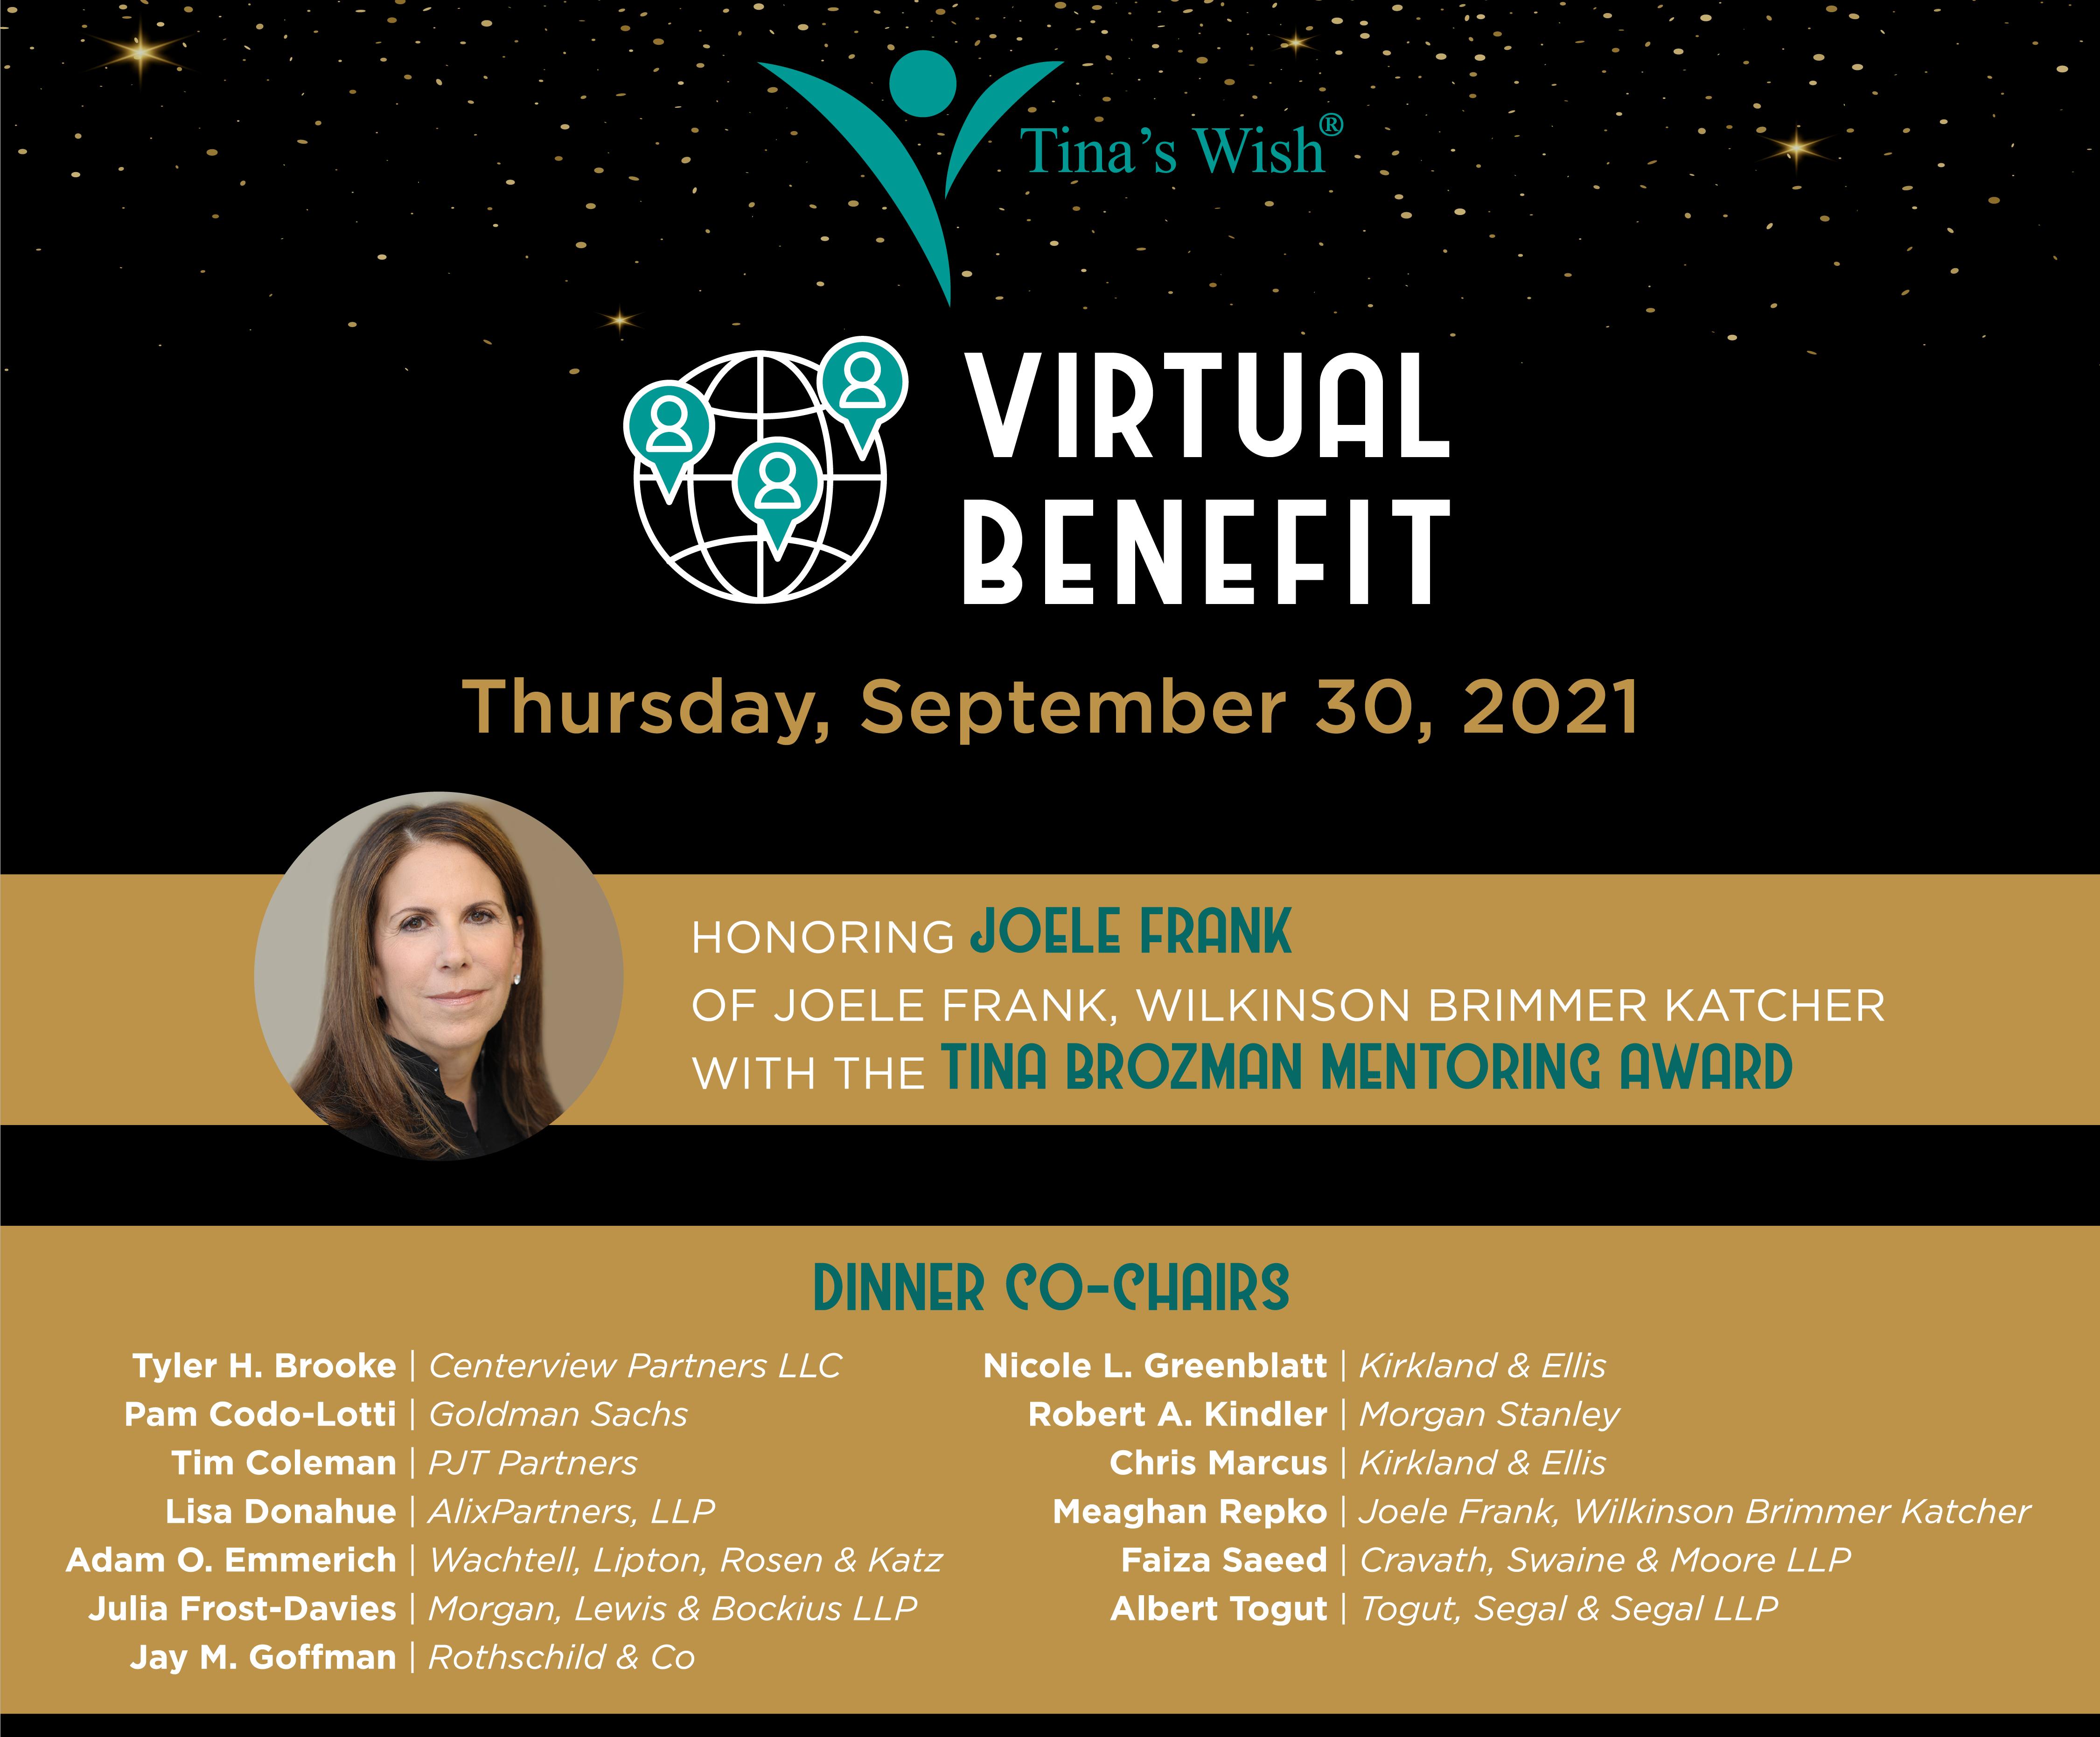 2021 ANNUAL BENEFIT – THURSDAY, SEPTEMBER 30